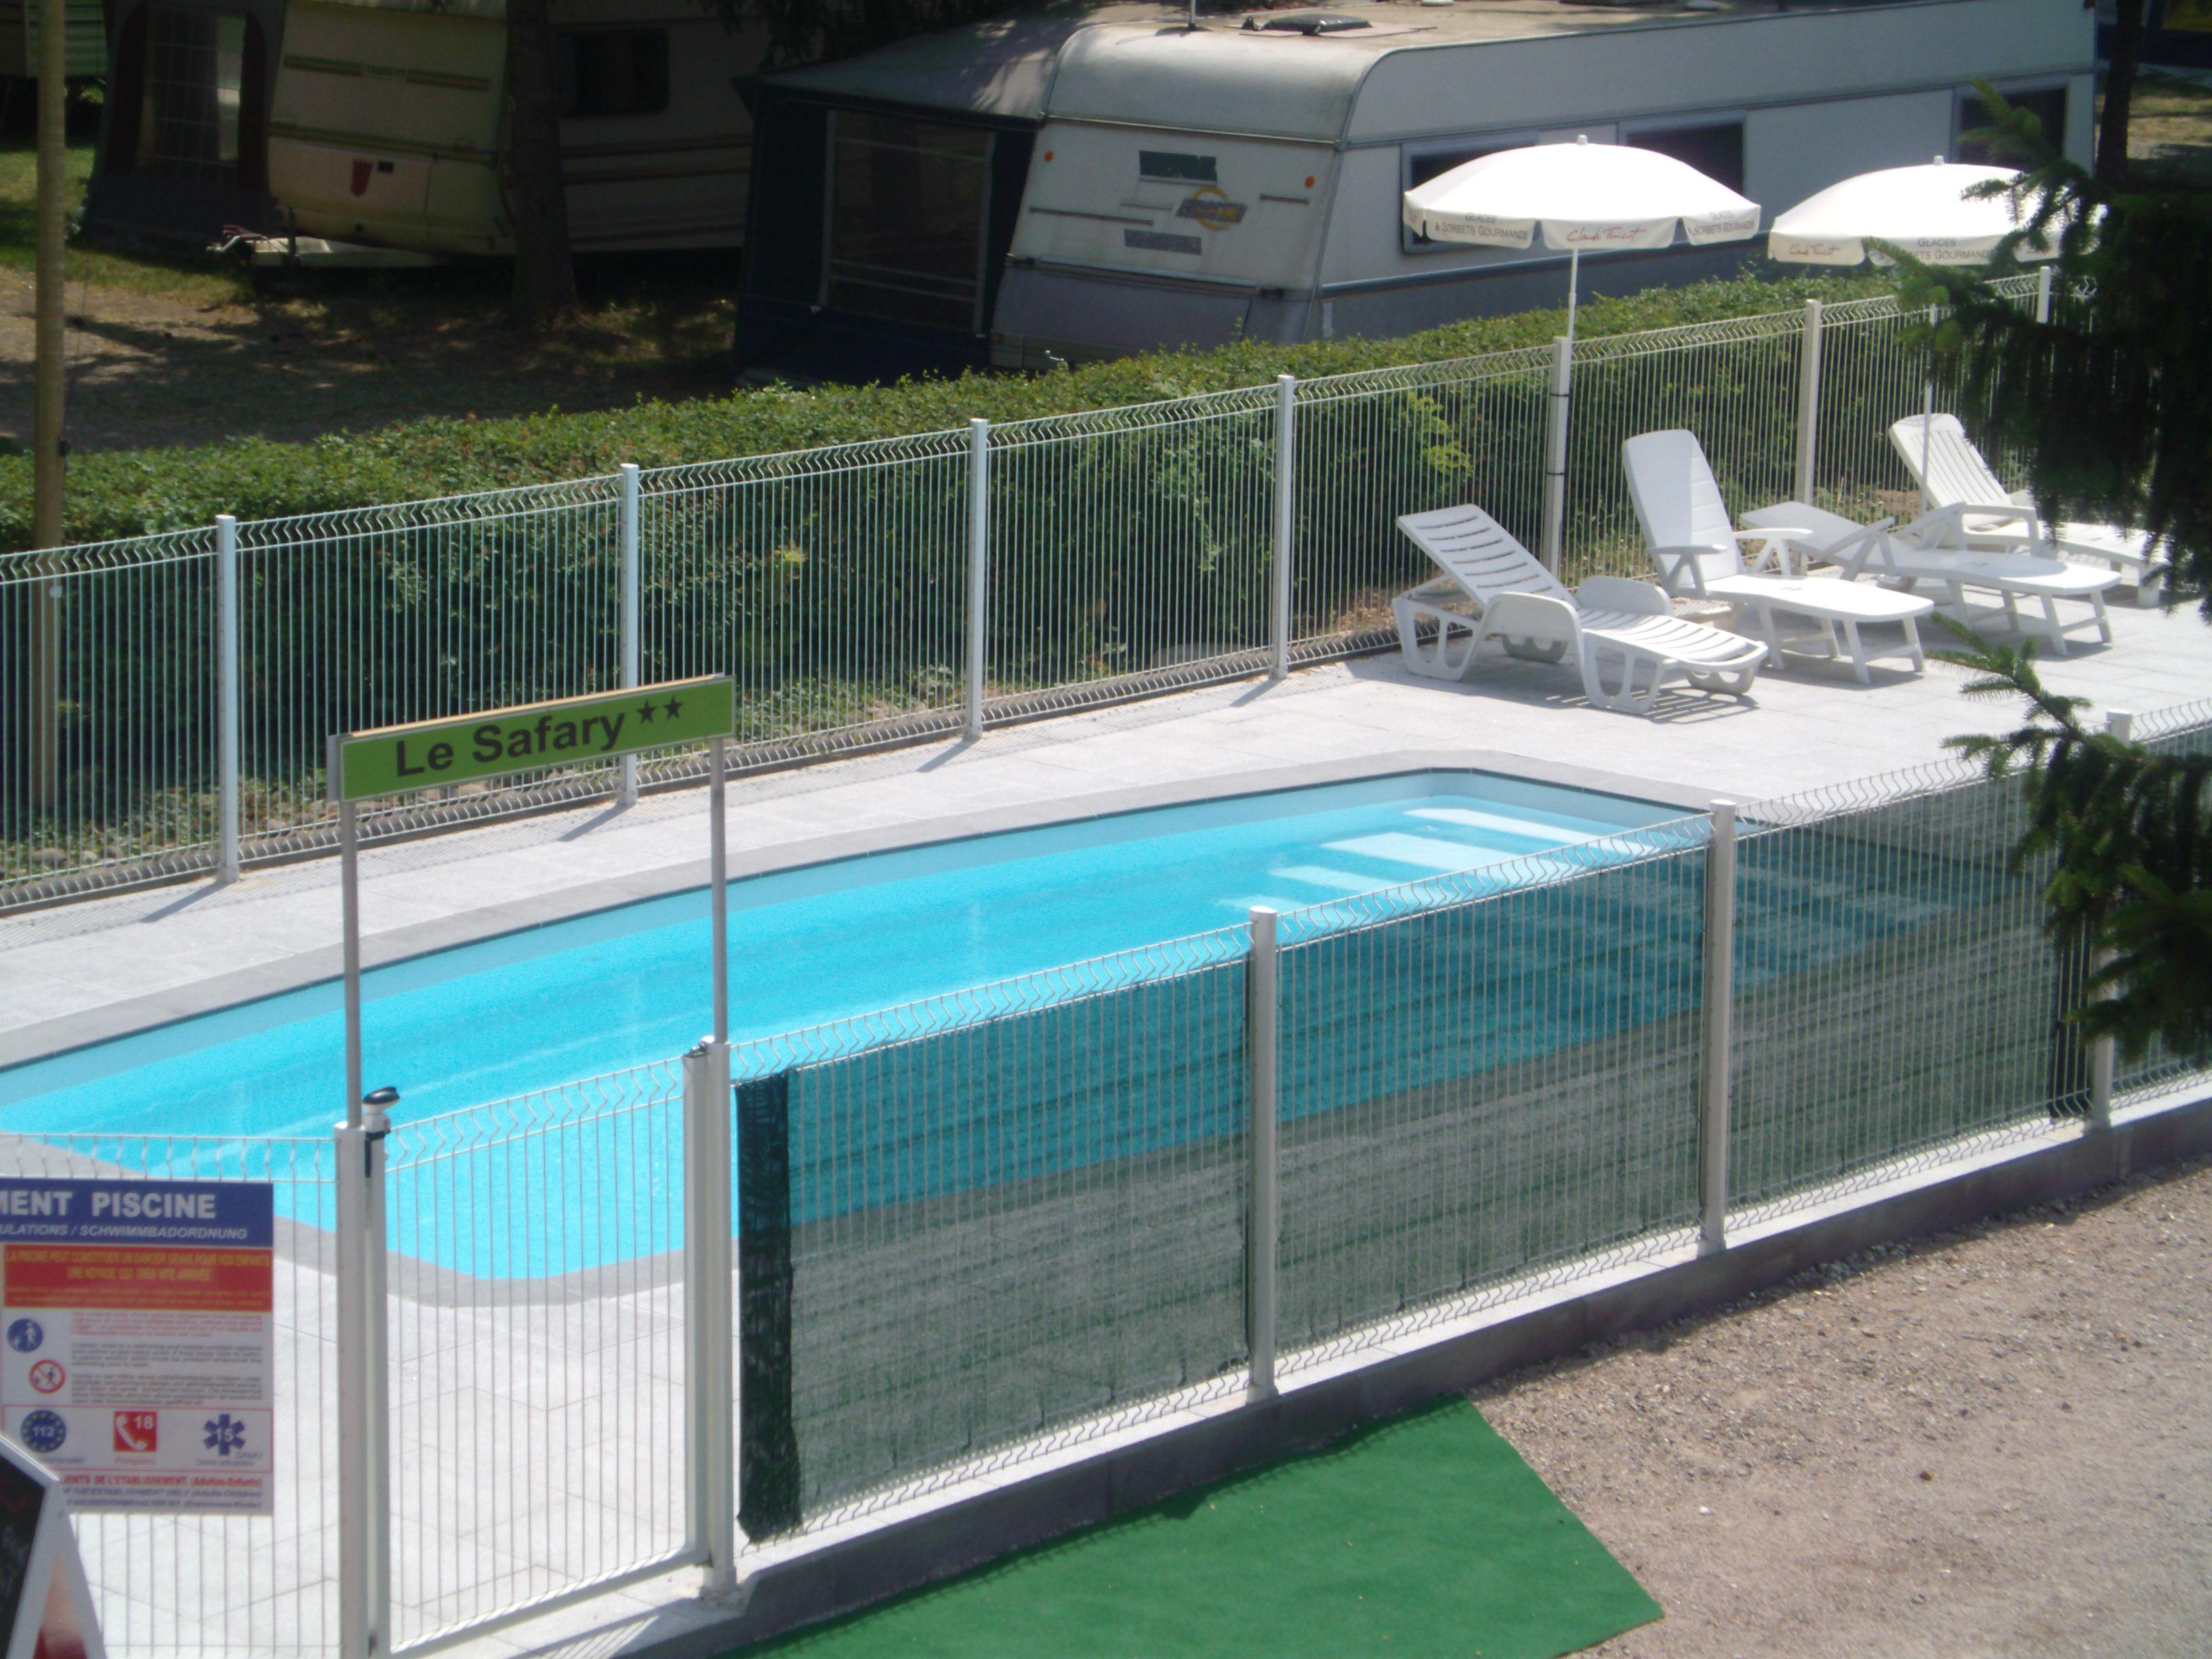 <b>La piscine</b>